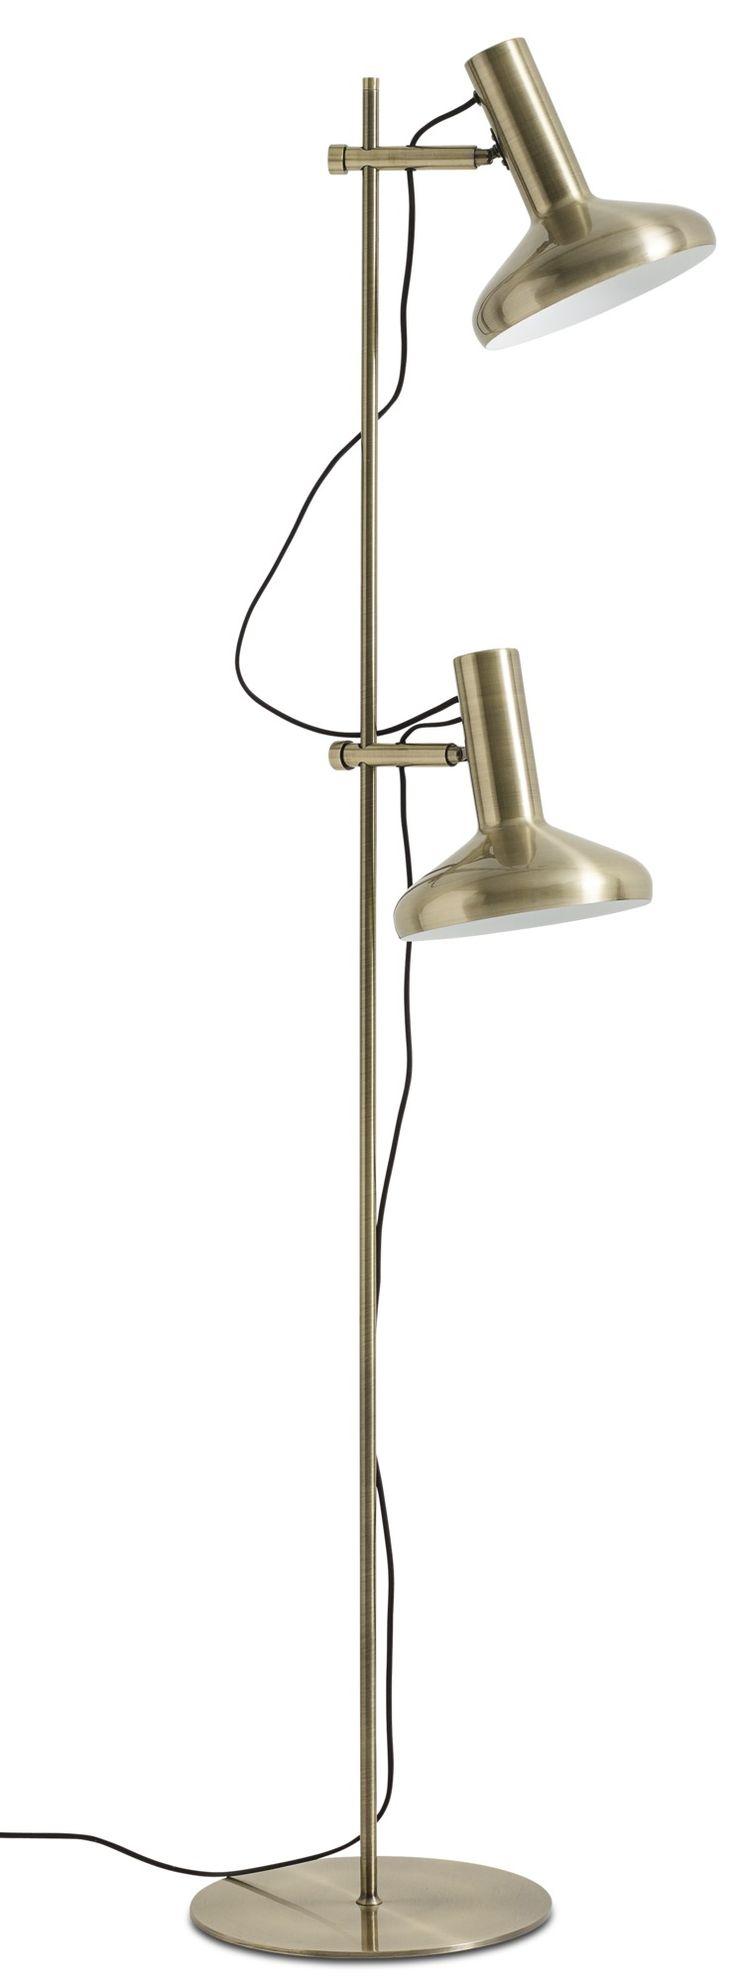 140 best light images on pinterest lightbulbs lamps and light